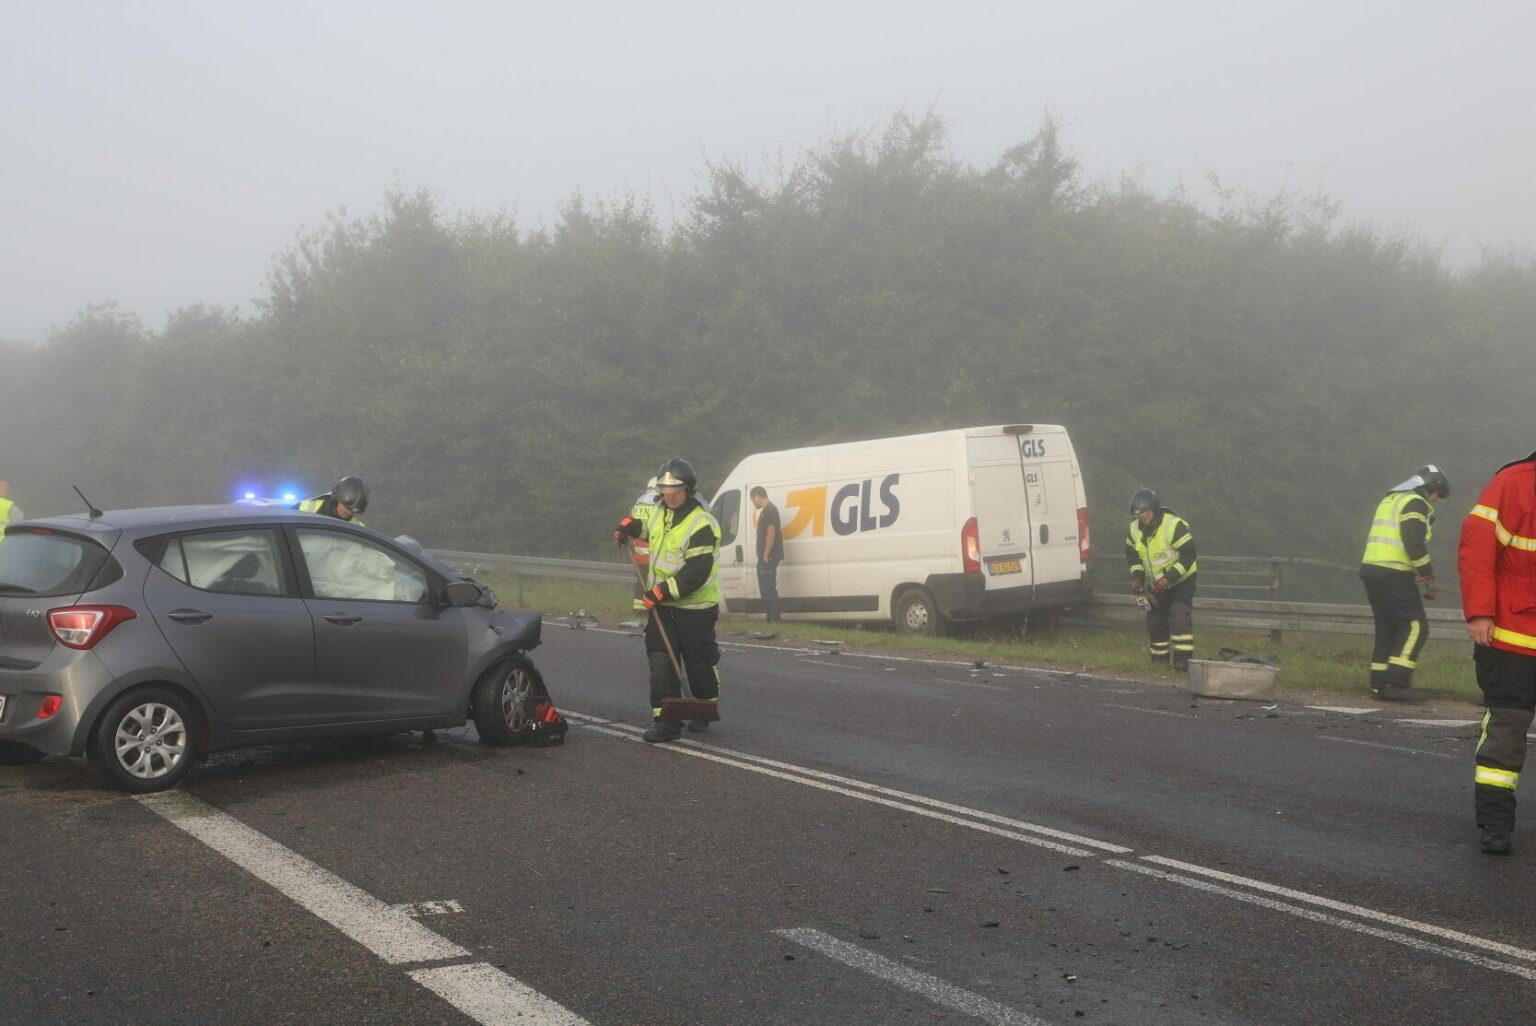 GLS varevogn i frontalulykke med personbil